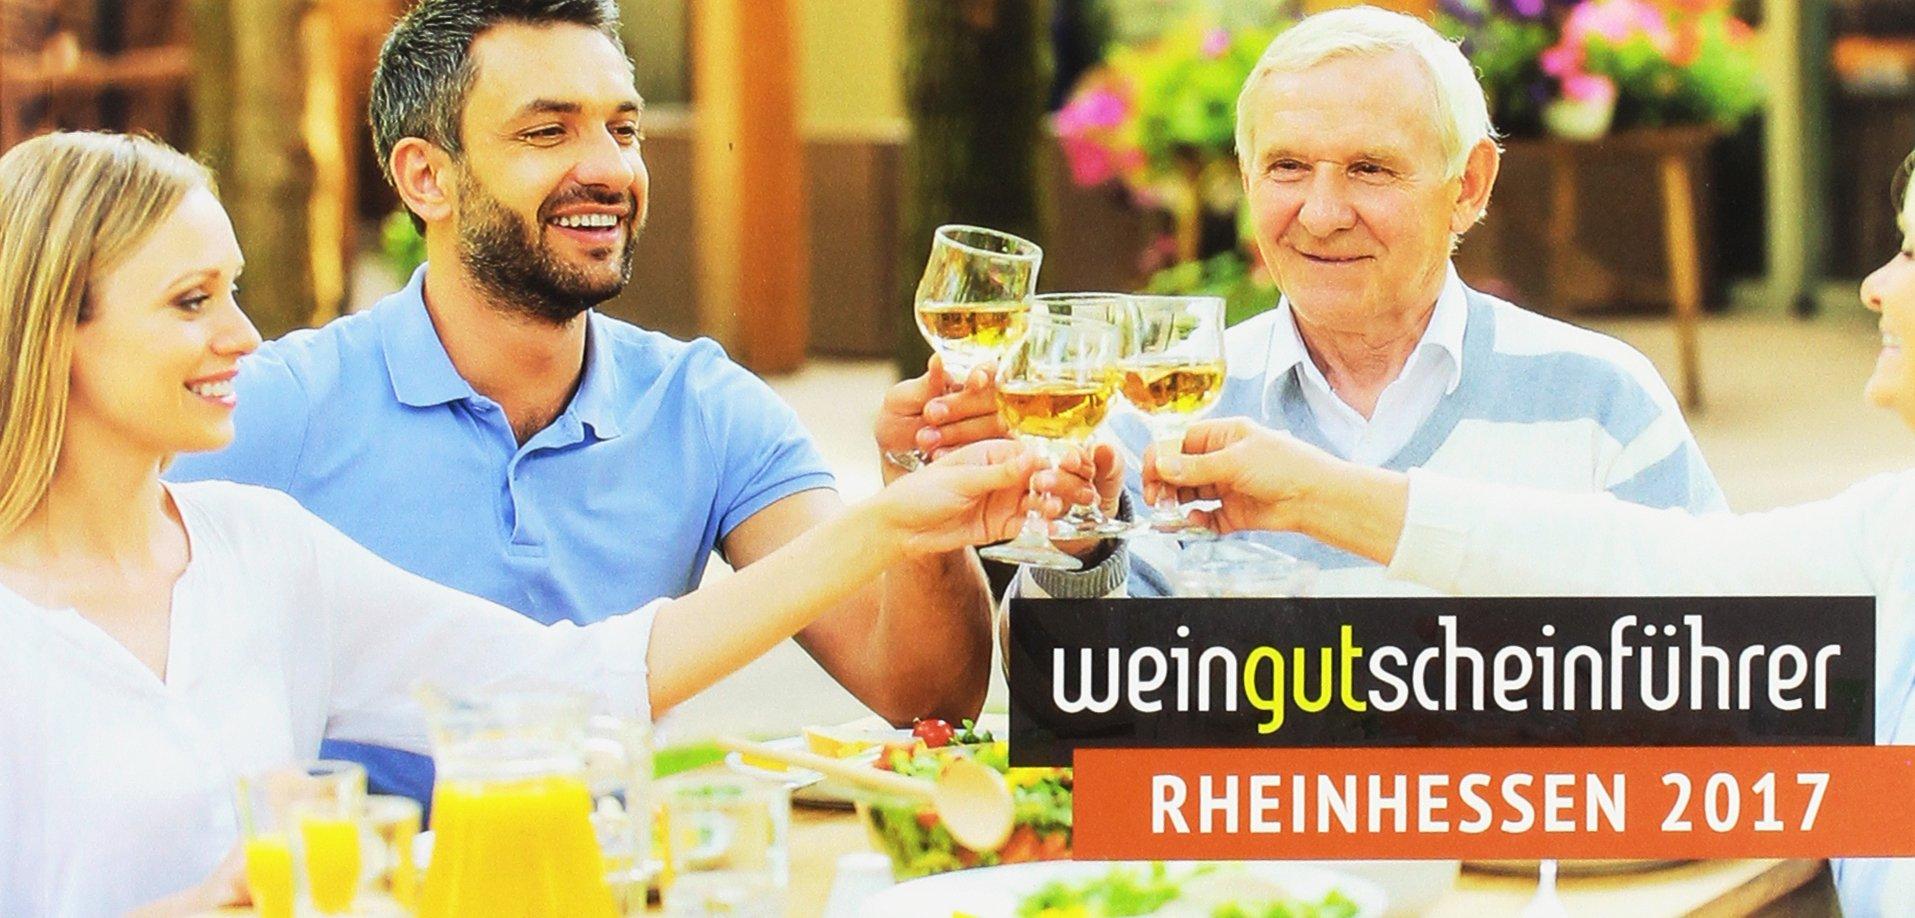 Weingutscheinführer: Rheinhessen 2017